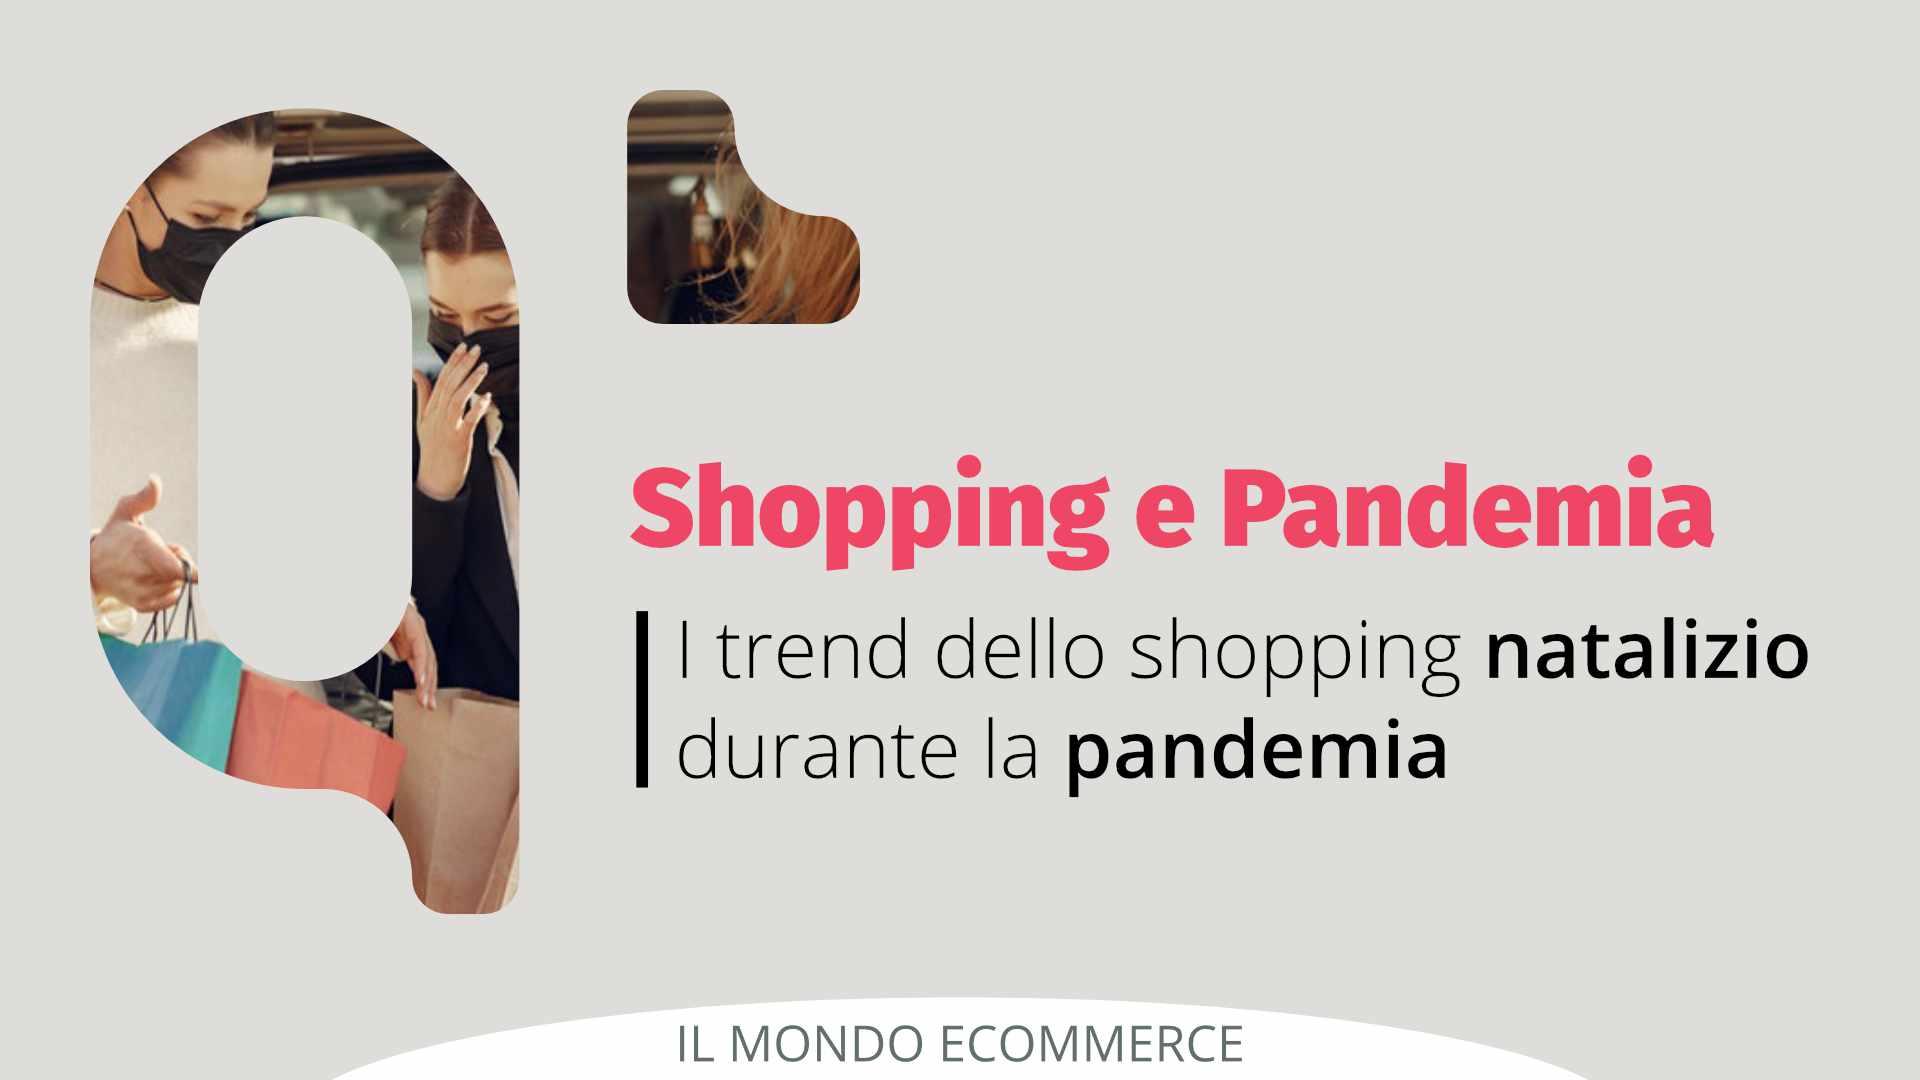 I trend dello shopping natalizio durante la pandemia